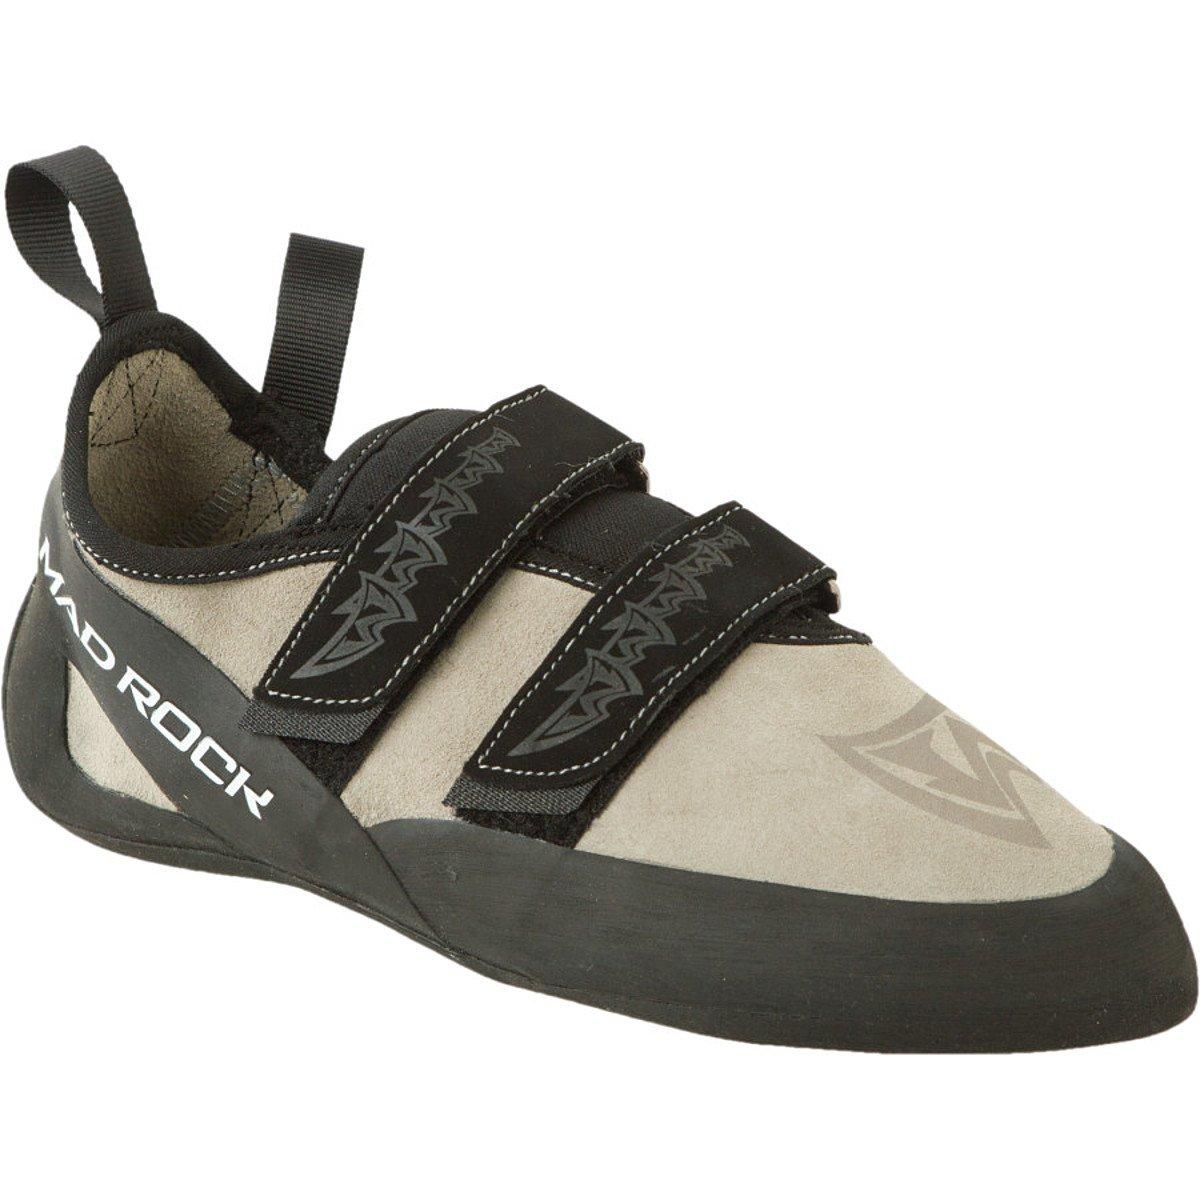 Mad Rock Men's Drifter Climbing Shoe,Grey ,6 D US